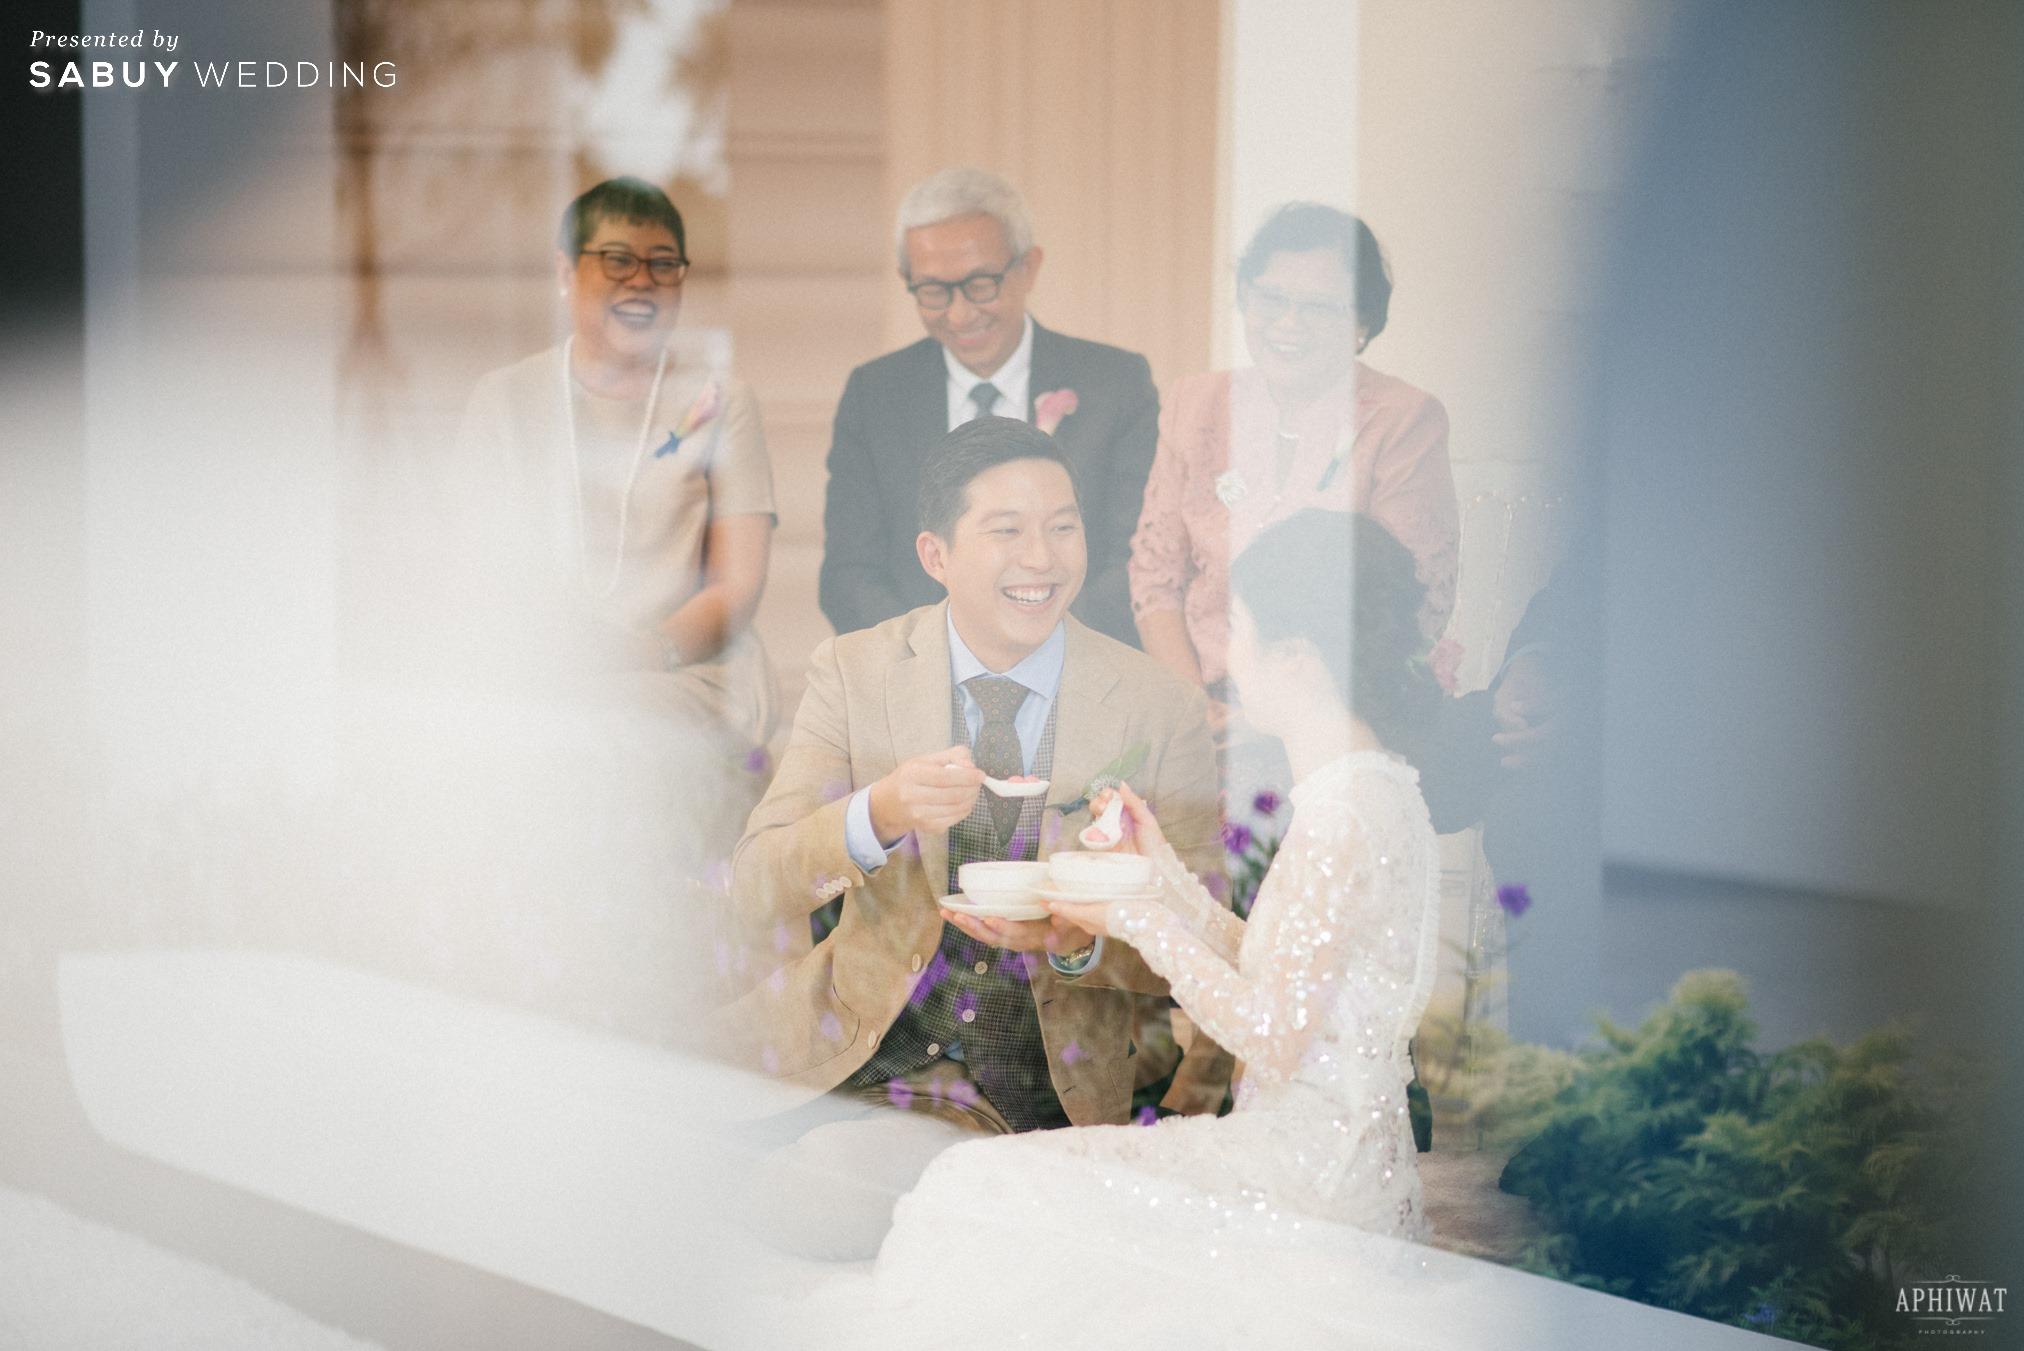 งานแต่งงาน,เจ้าบ่าว,AUBE,เจ้าสาว รีวิวงานแต่งเก๋มีสไตล์ ในคอนเซ็ปต์ Art Object  @ AUBE